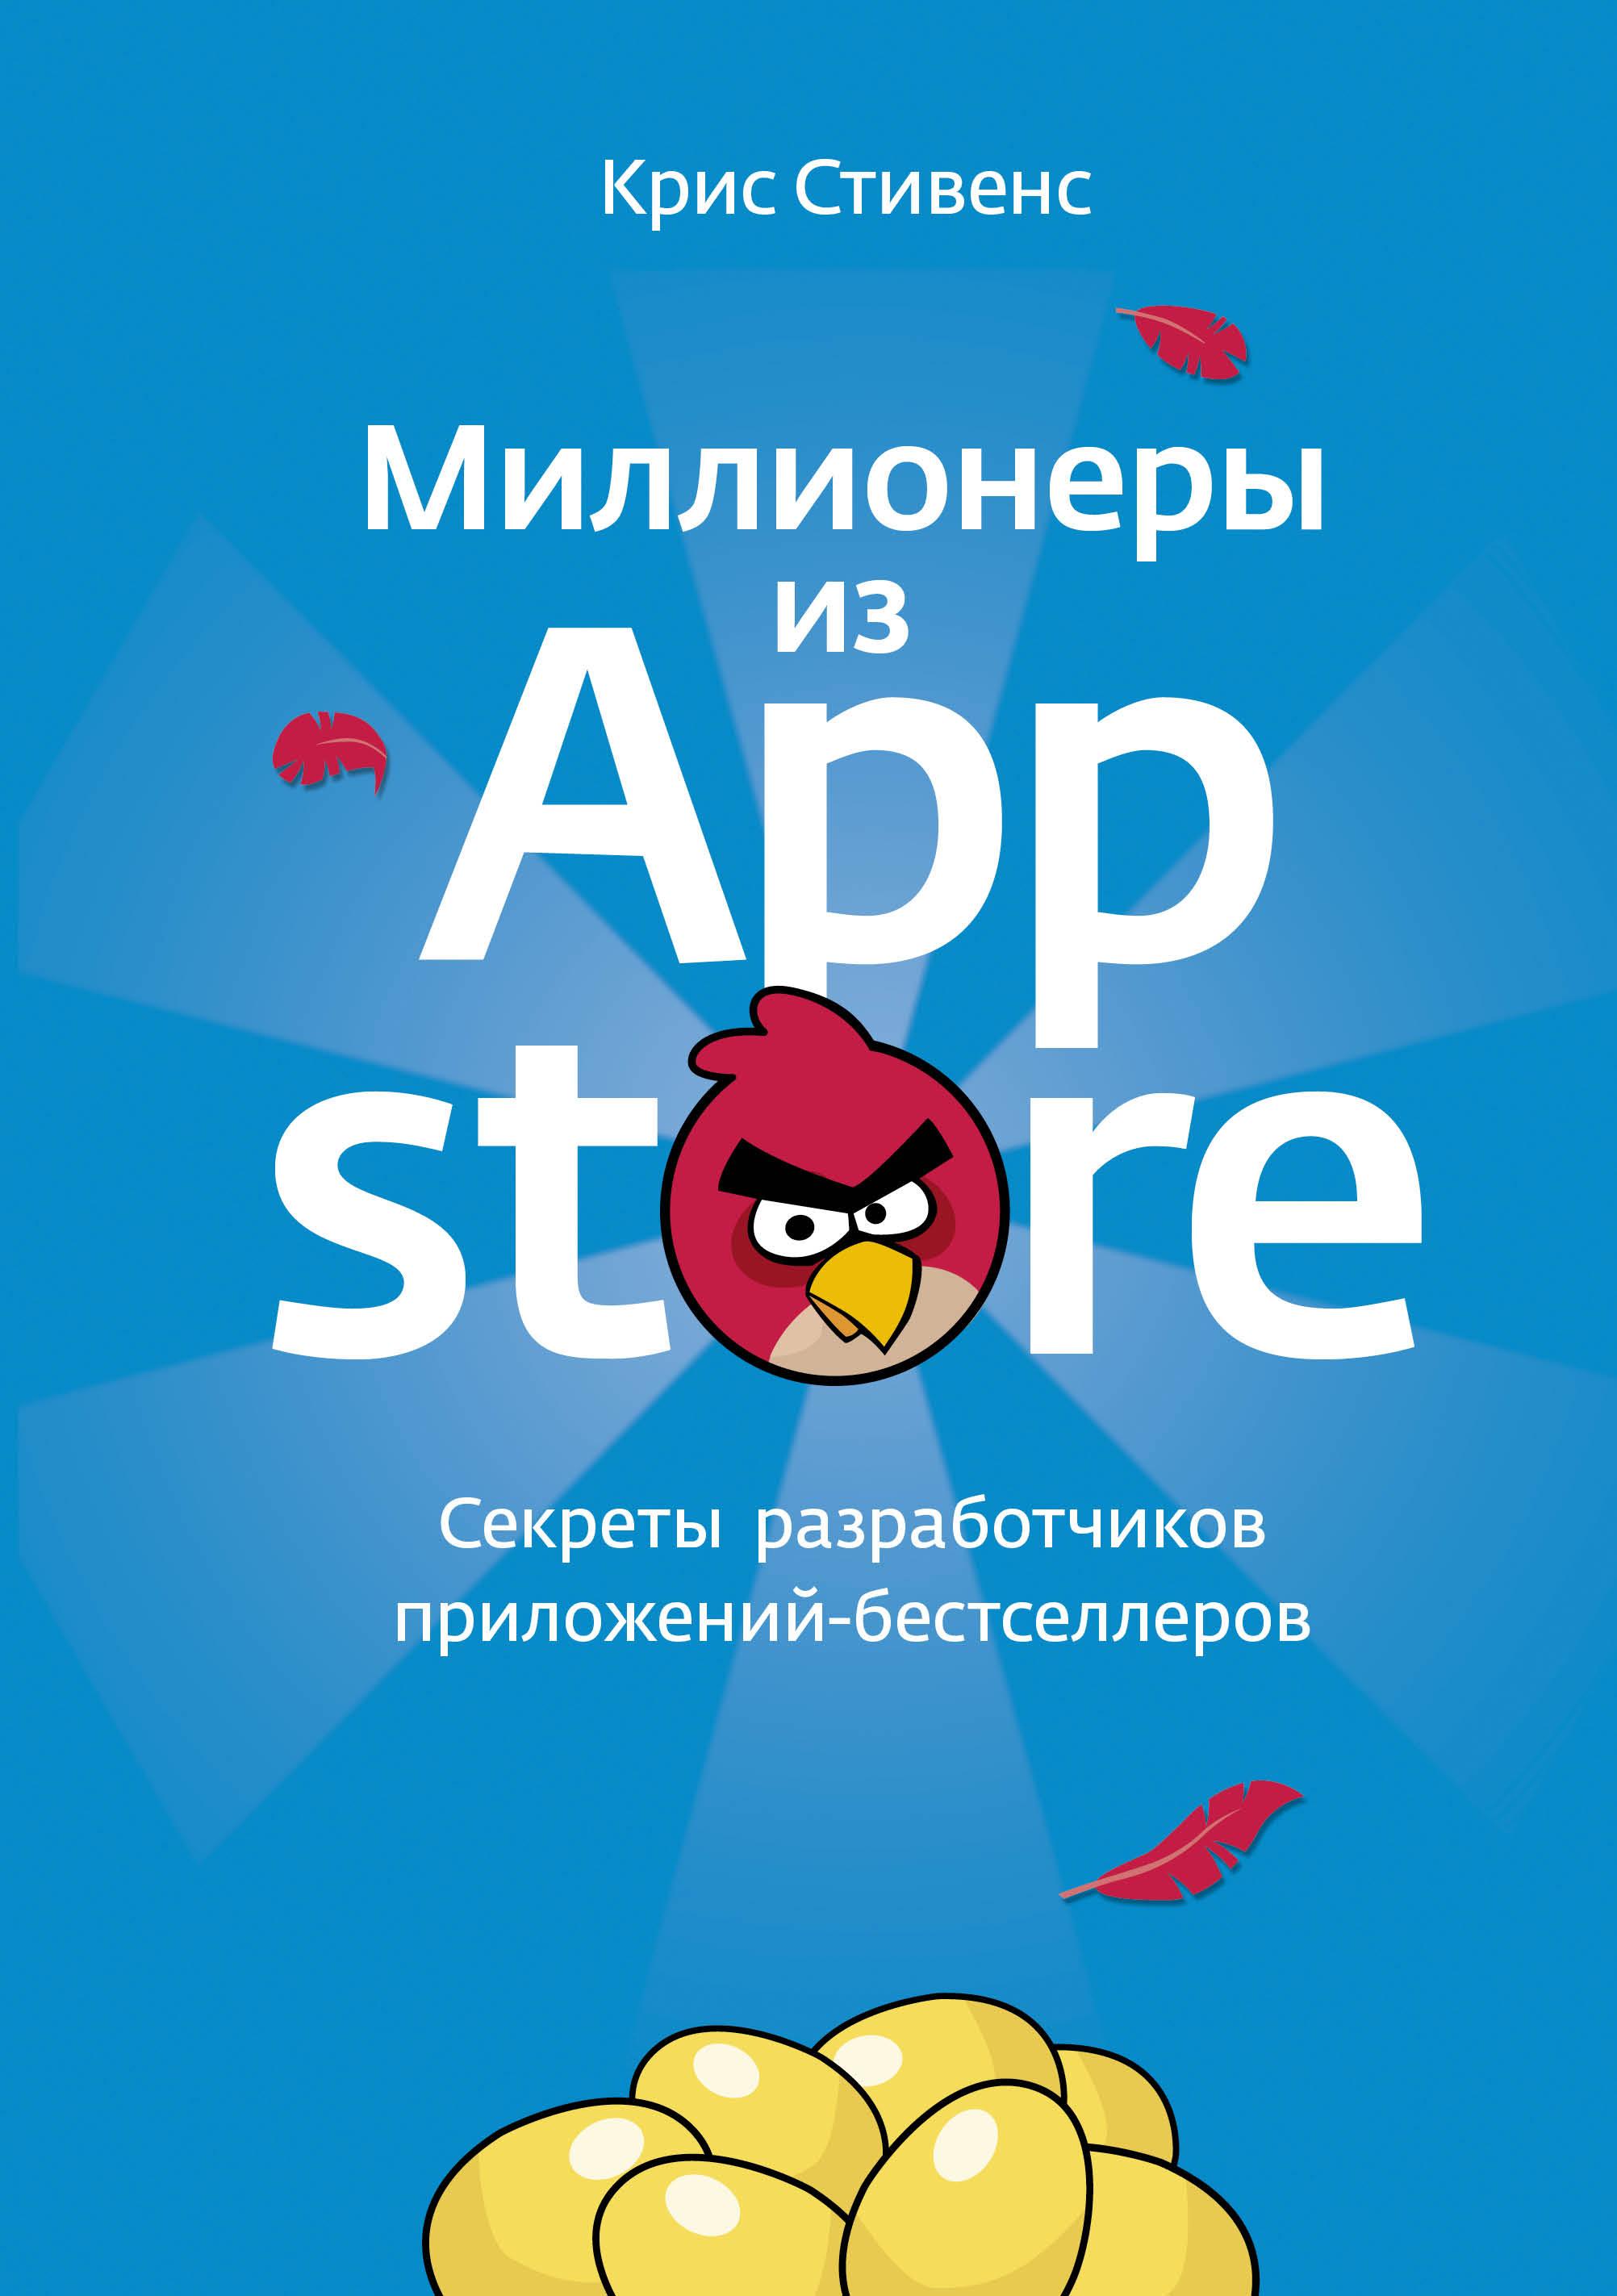 Стивенс К. Миллионеры из App Store. Секреты разработчиков приложений-бестселлеров